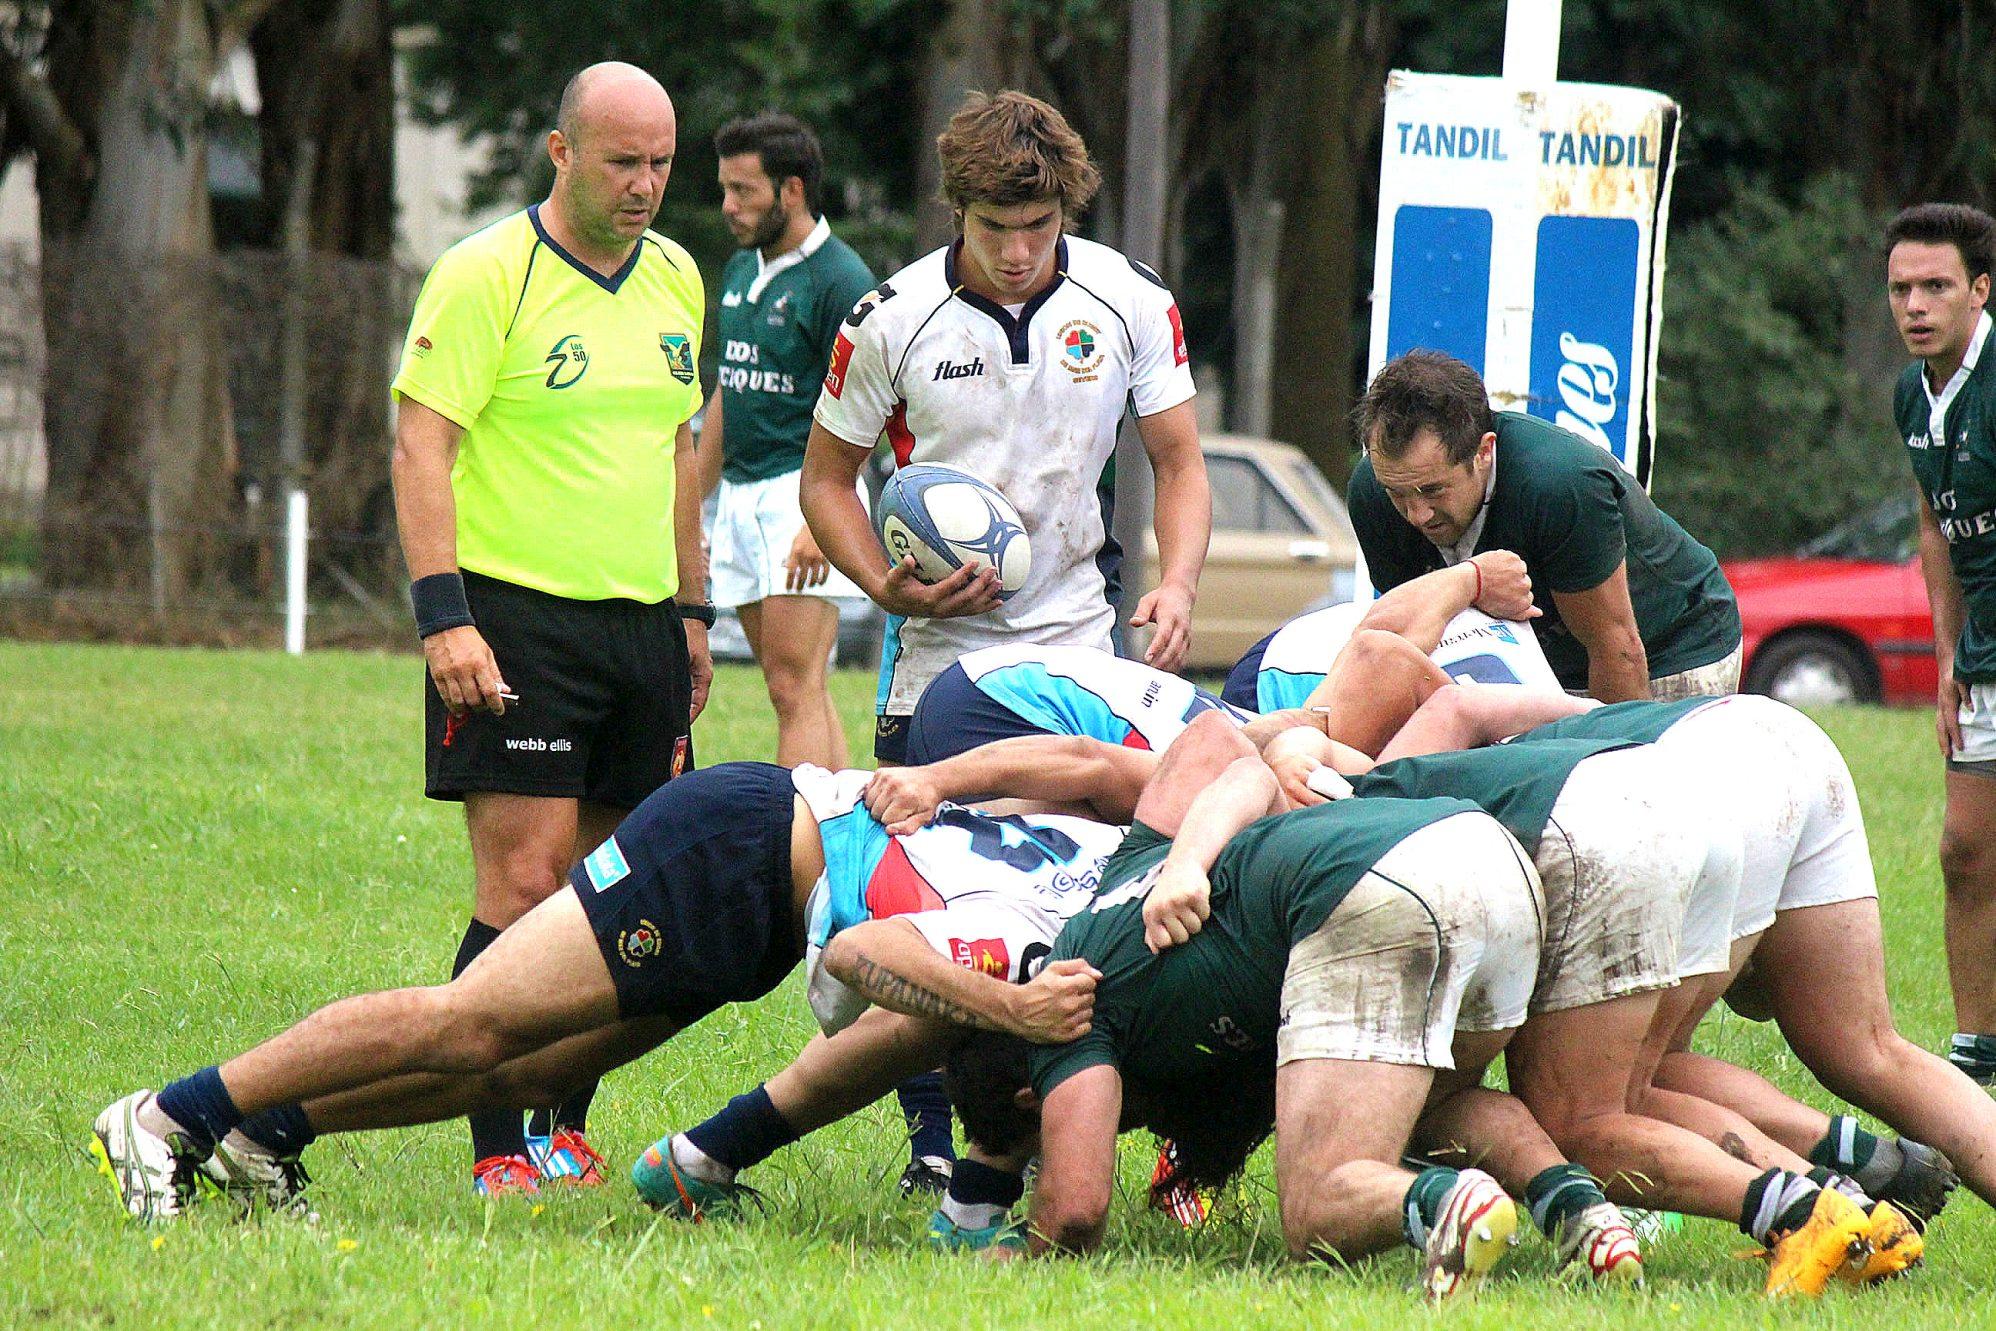 Scrum en el partido entre la URMDP y Los Cardos. (Foto: Prensa URMDP)